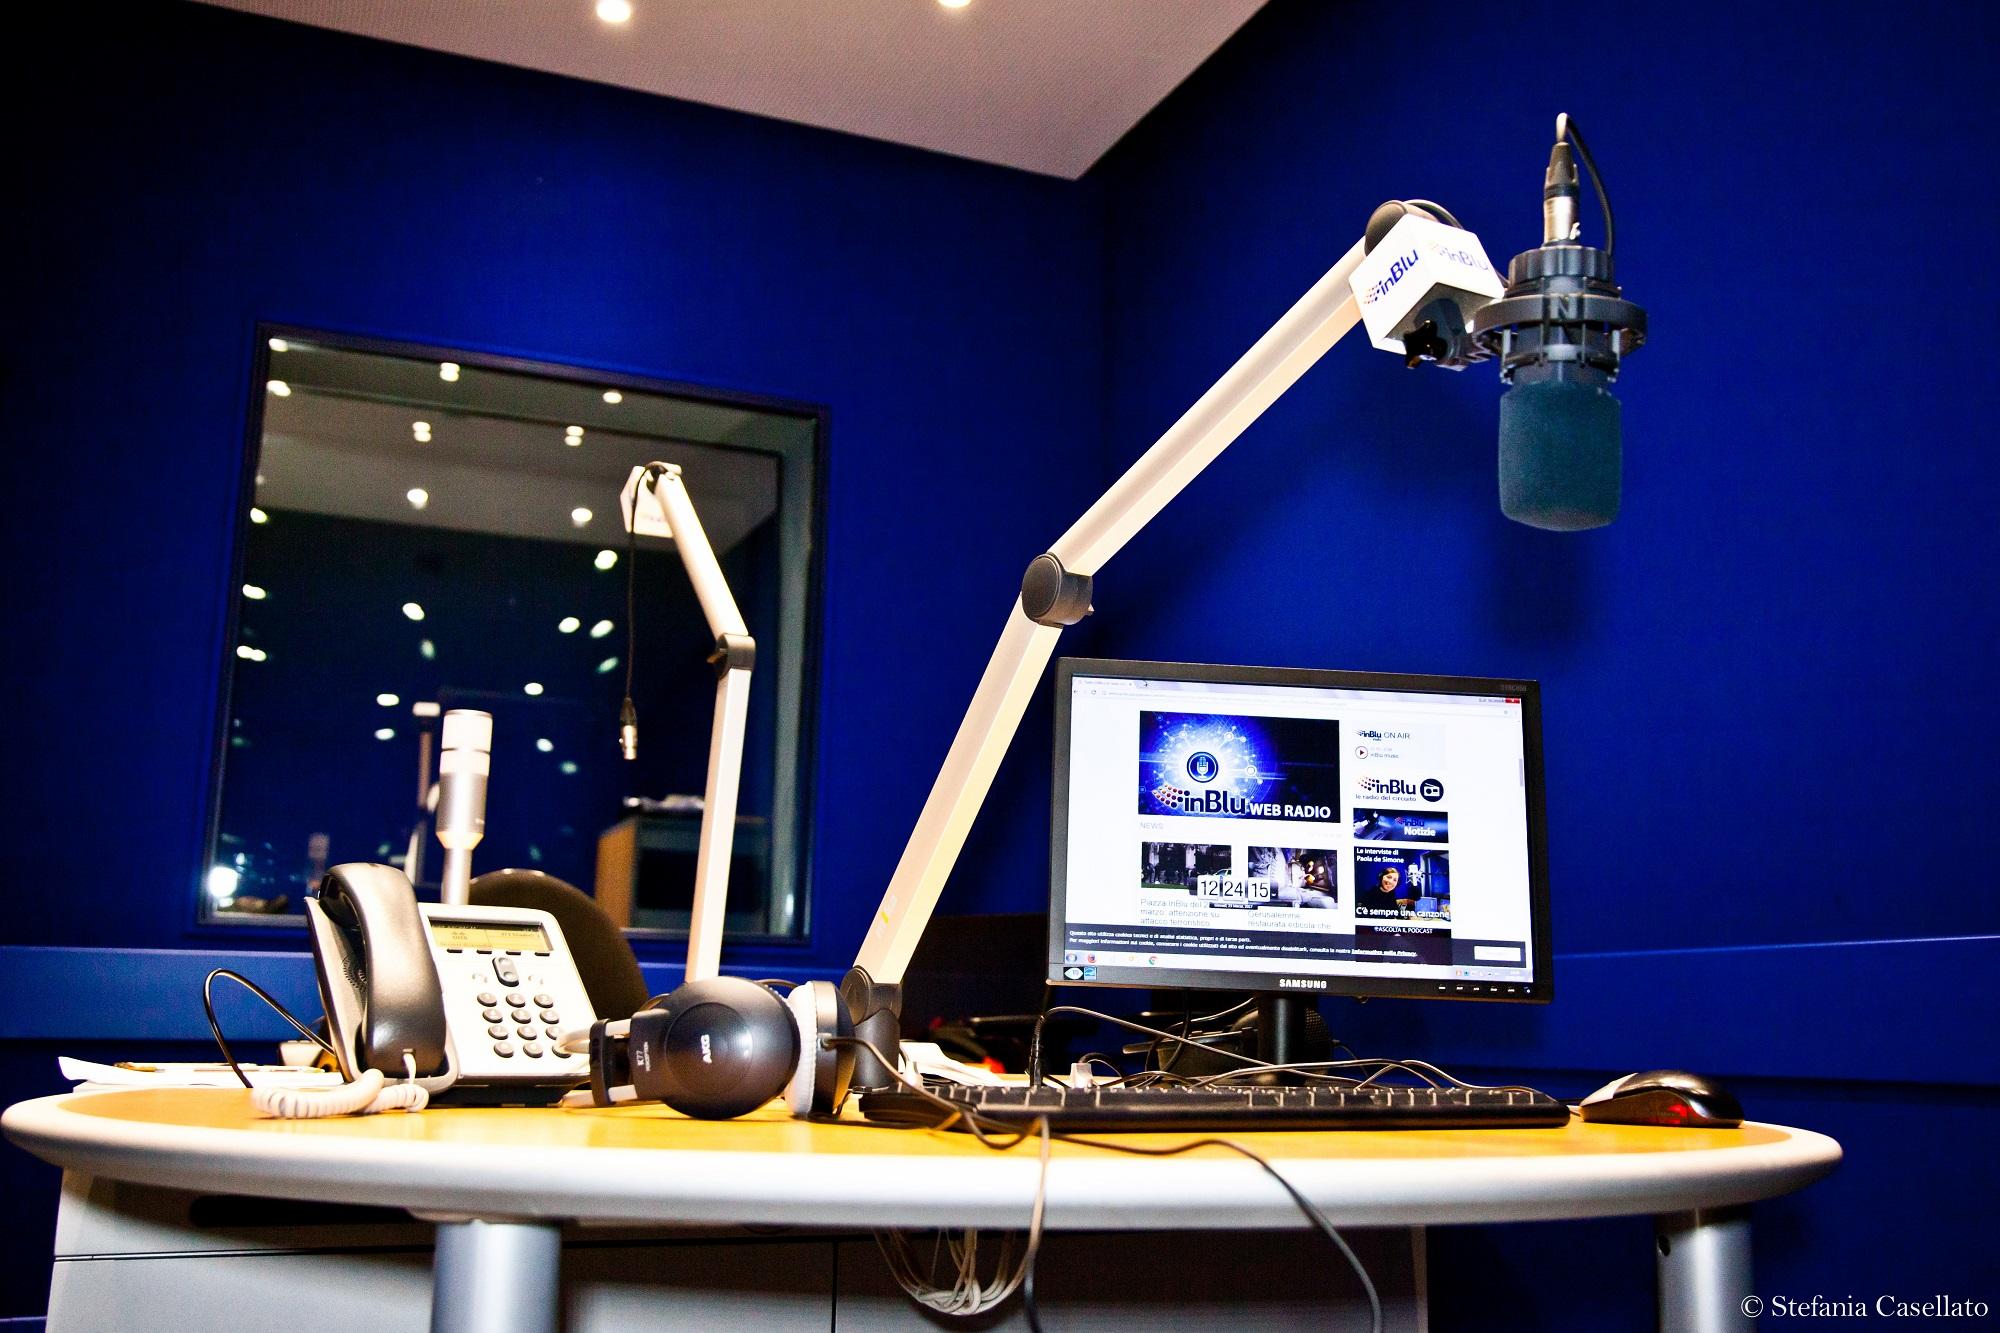 Radio inBlu studio 01 - Radio. Mons. Viganò (Radio  Vaticana): indispensabile multipiattaforma. In DTT faremo nuovo modello visual e pensiamo ad aggregatore IP cattolico